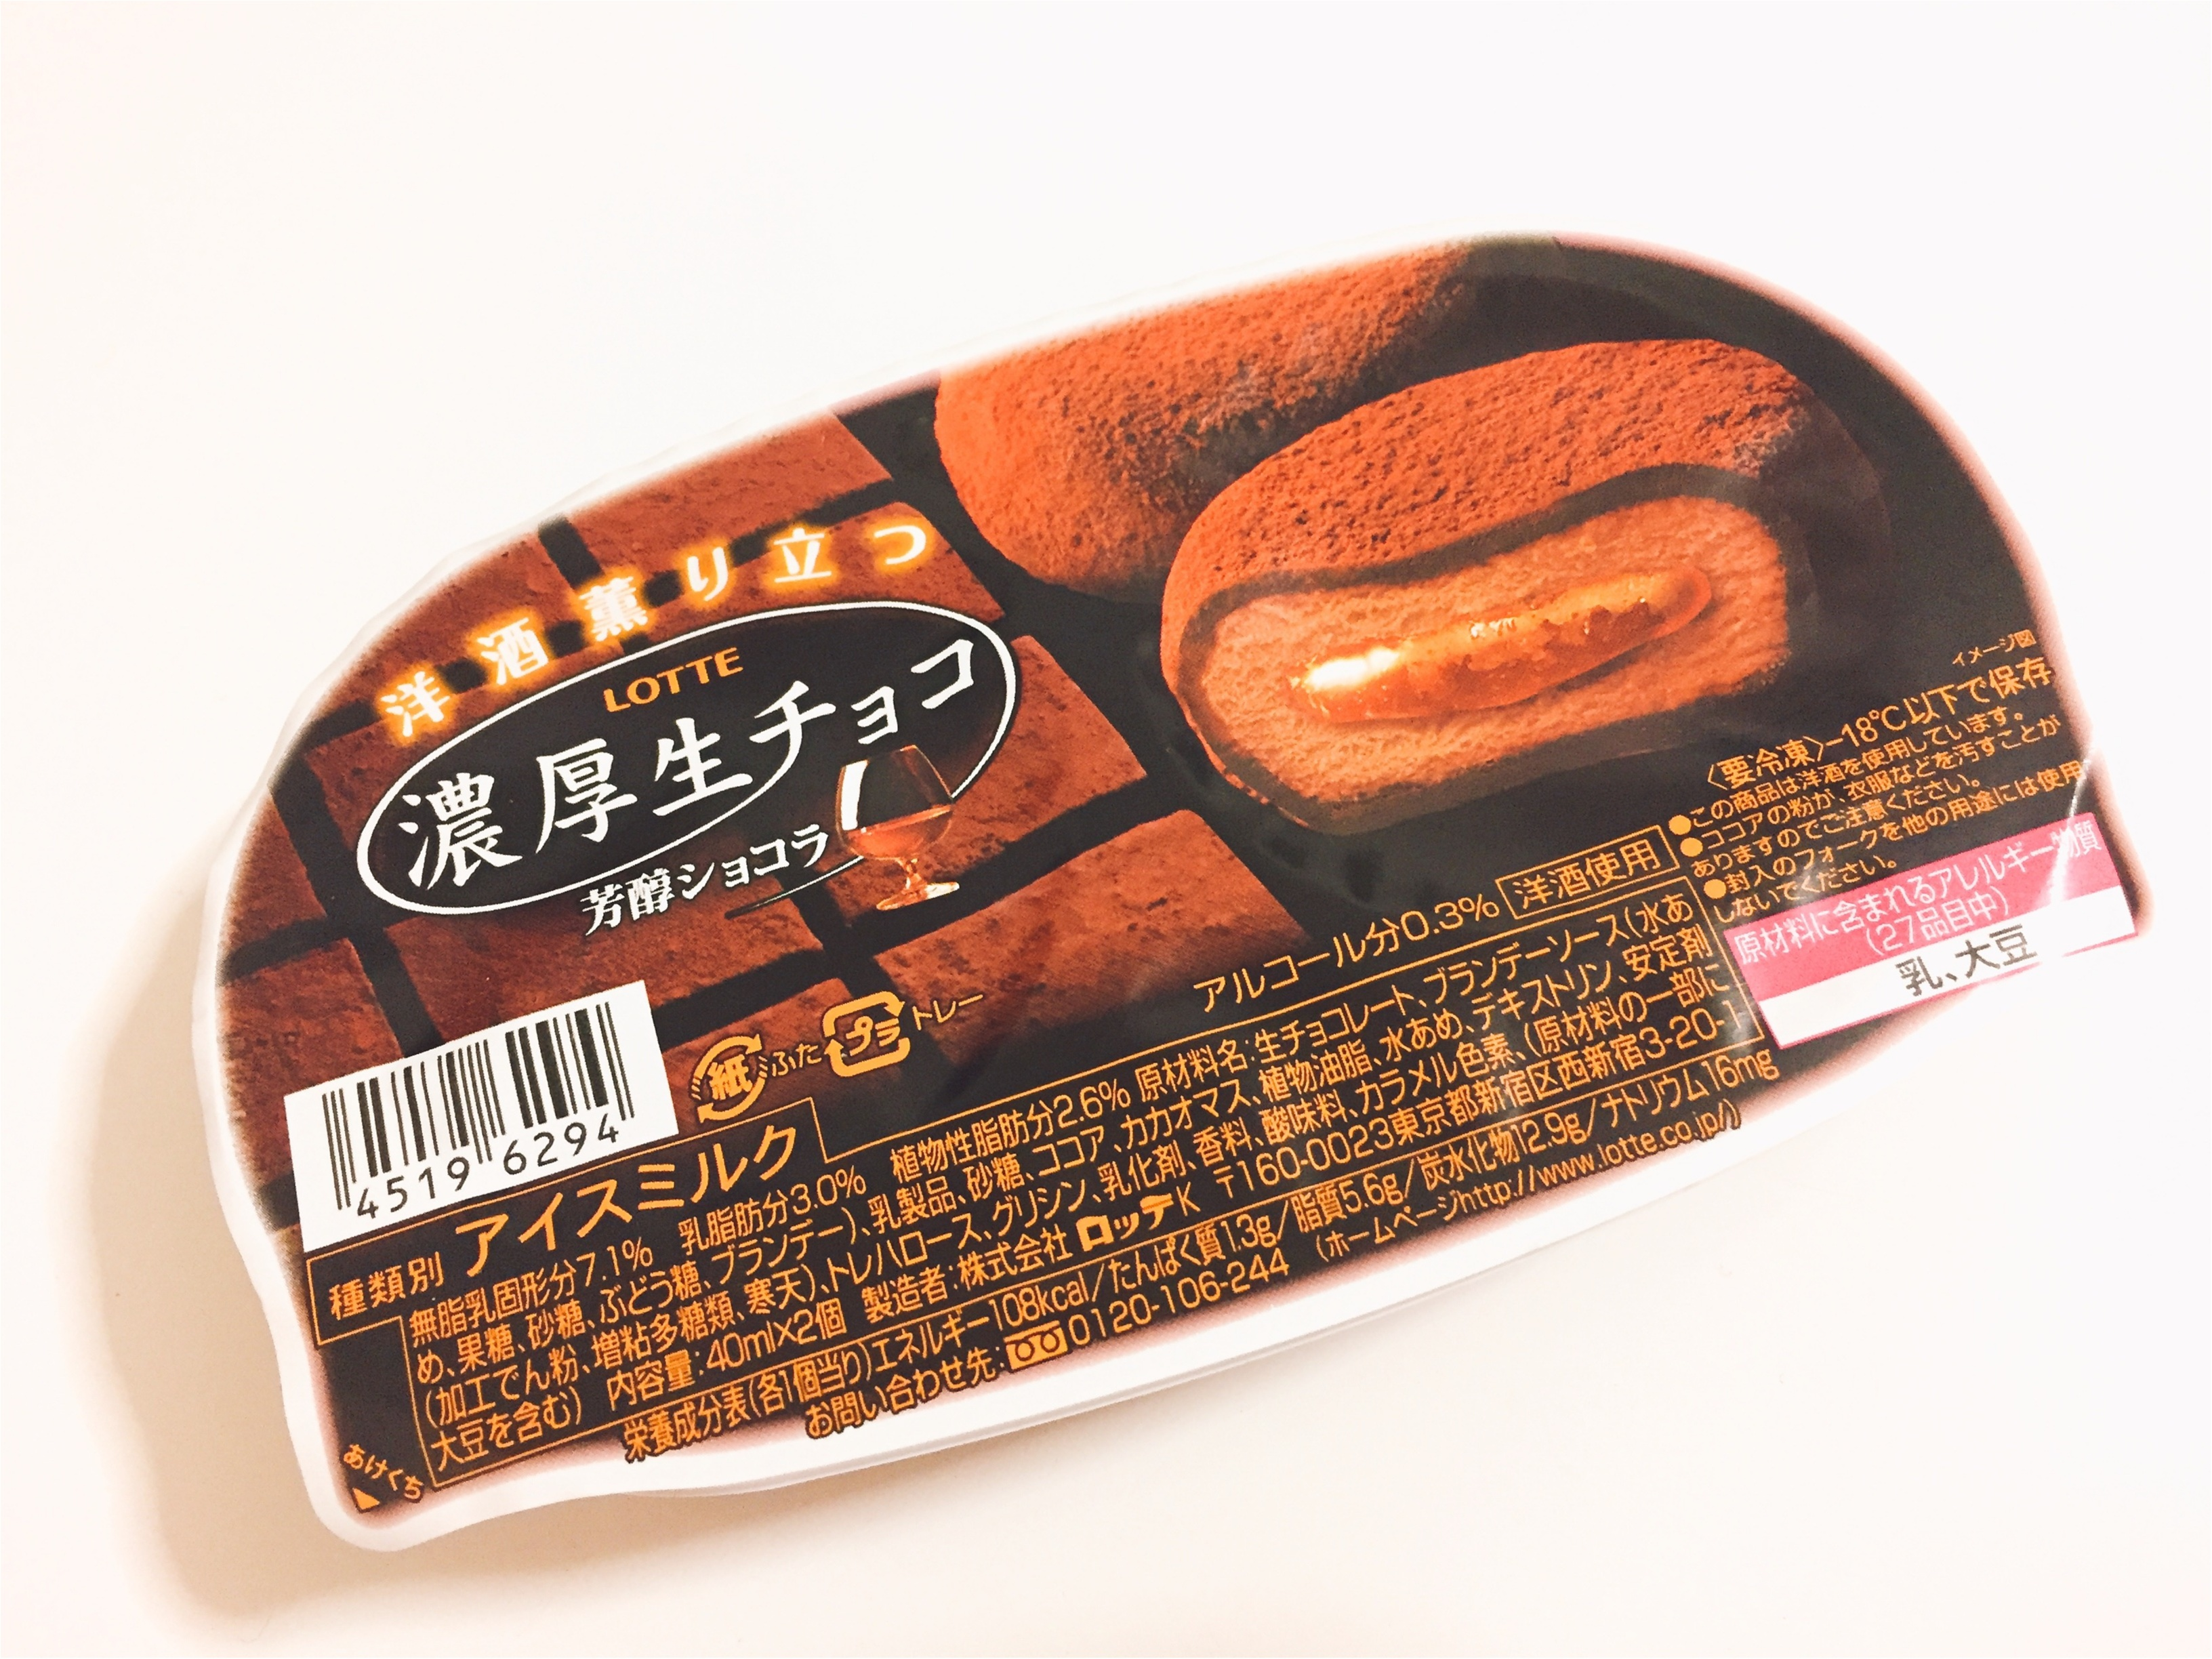 【セブンアイス】チョコアイス好きの皆さま必見!『濃厚生チョコアイス』が絶品すぎる♡*_1